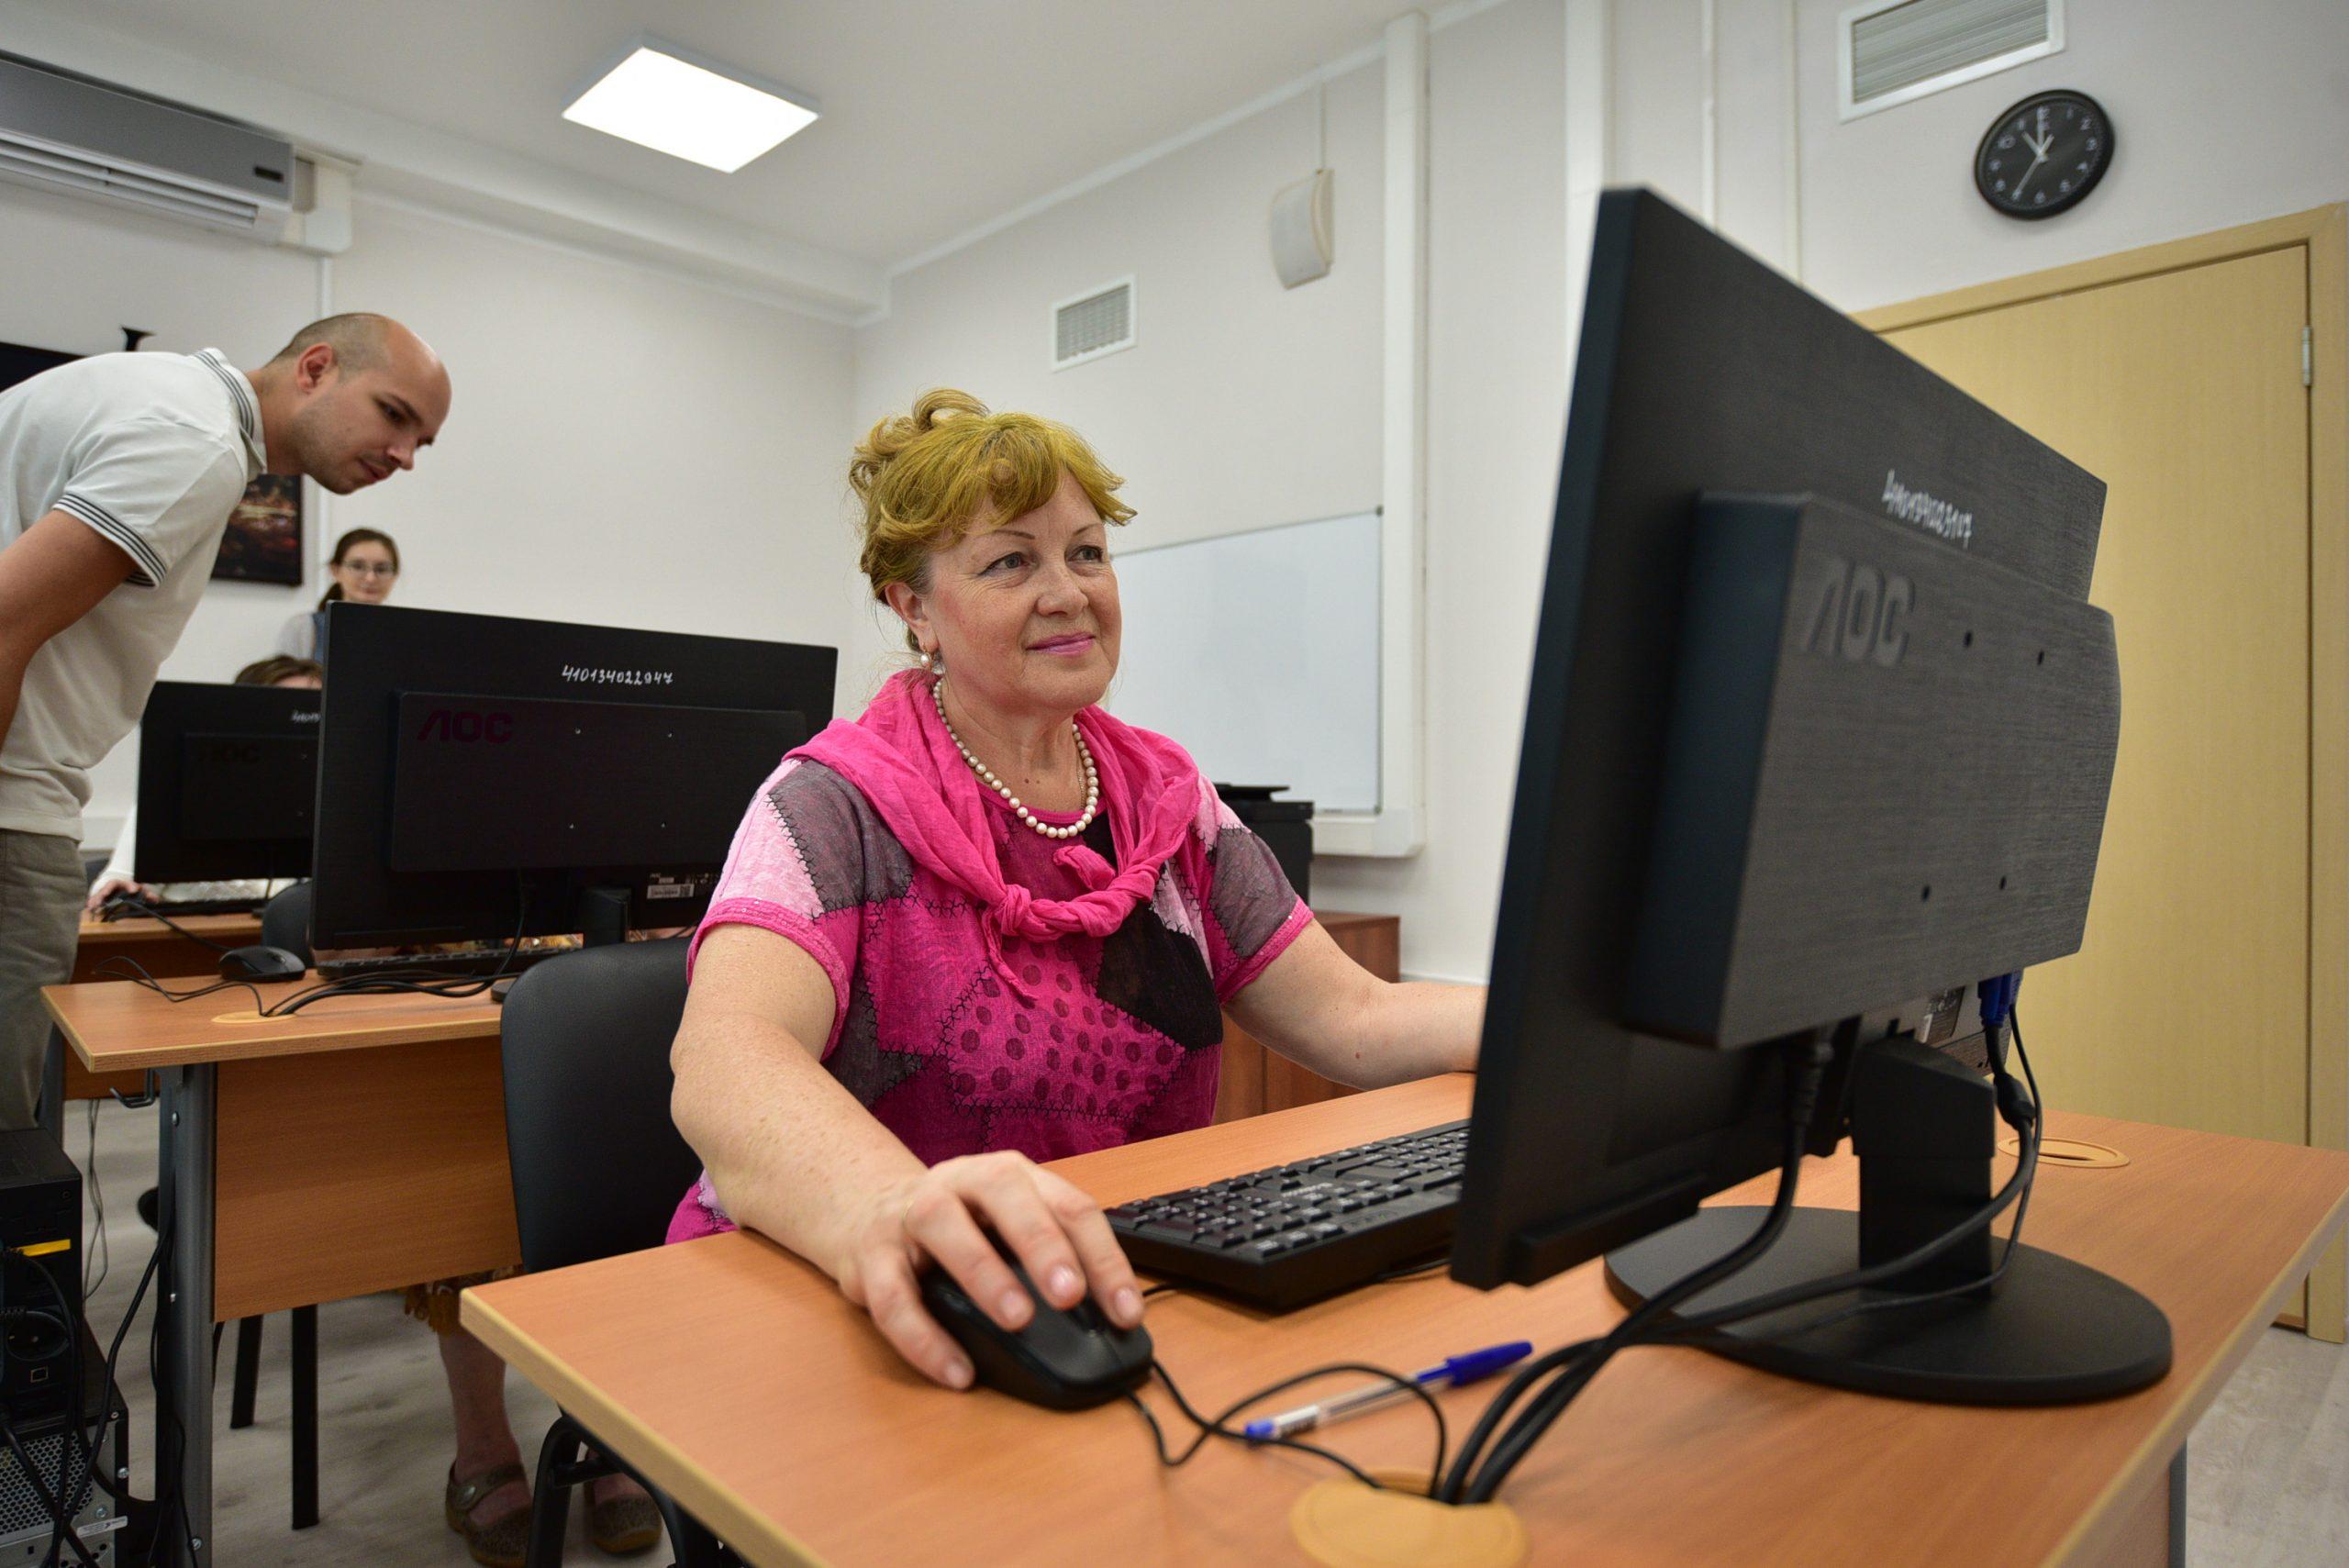 Услугу по смене статуса жилого или нежилого помещения полностью перевели в онлайн